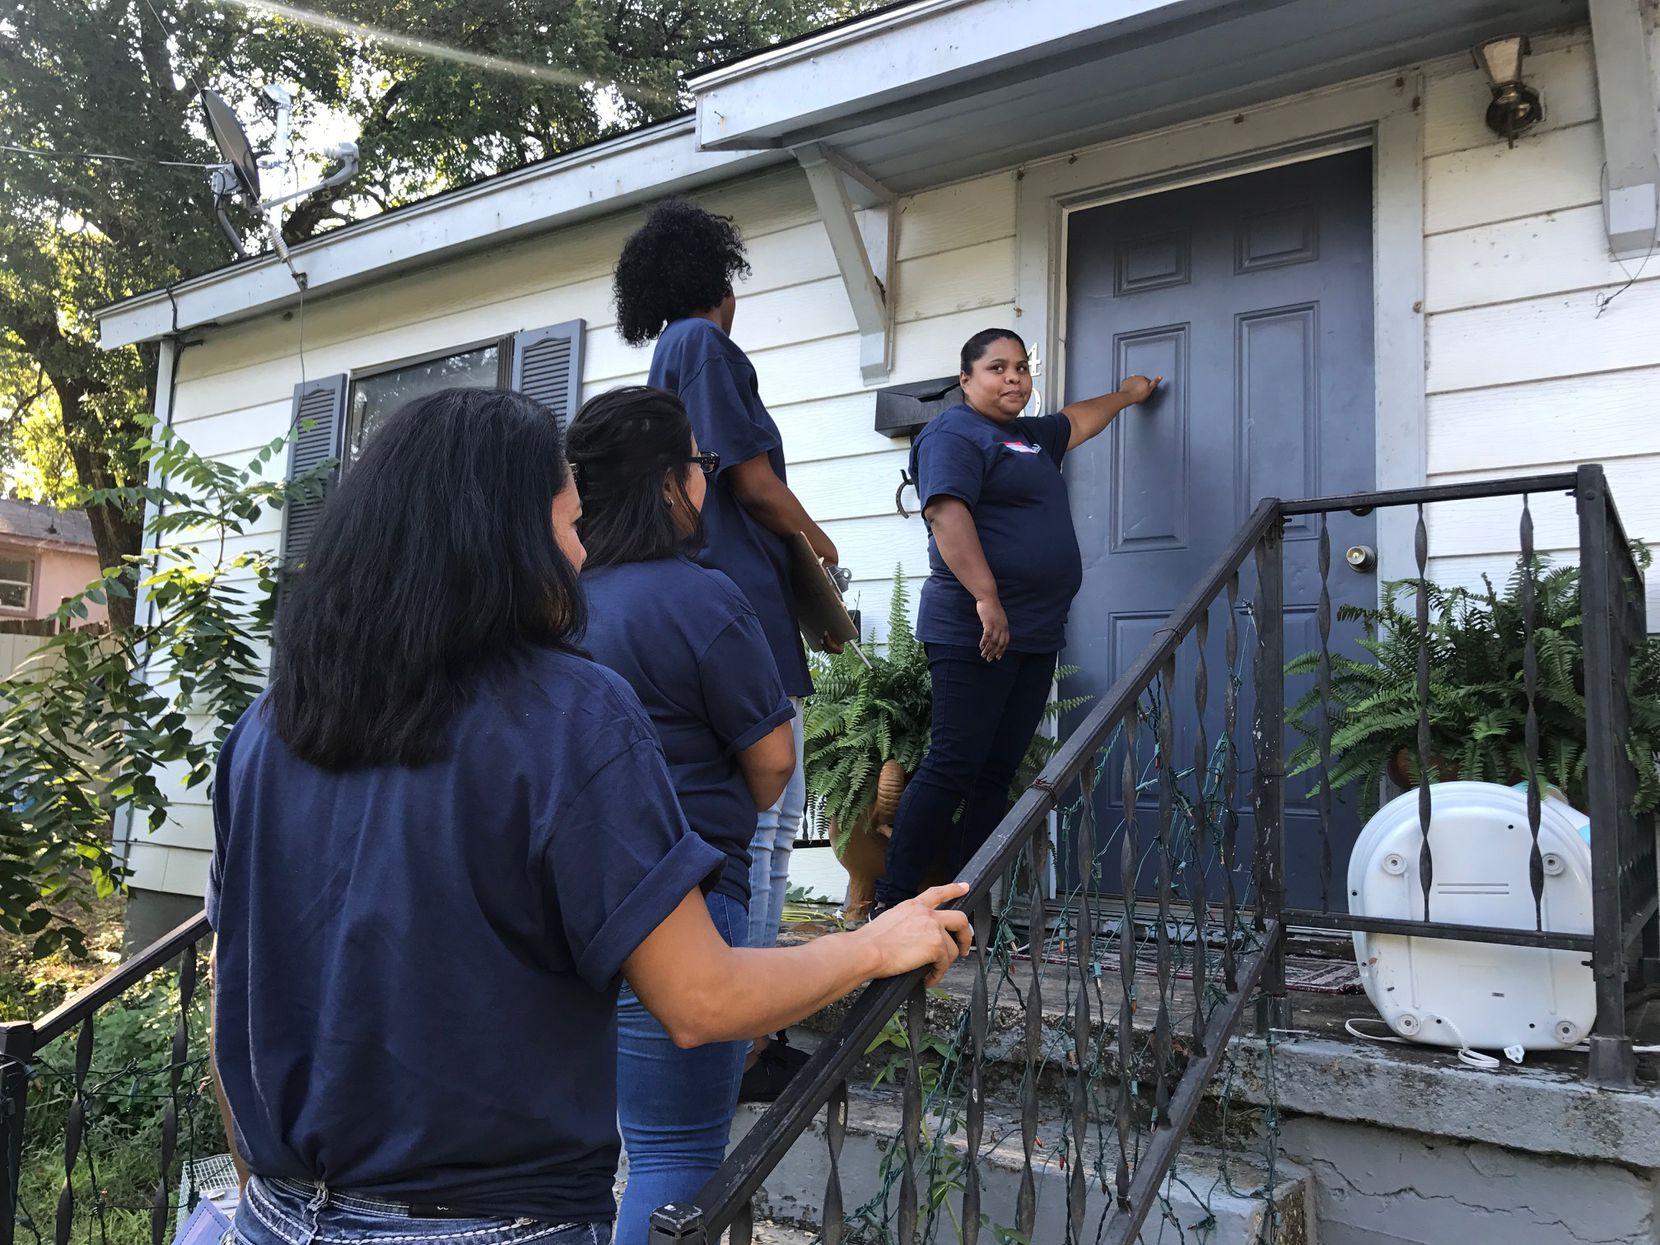 Marisol Flores, maestra de la primaria T.G. Terry, golpea la puerta de una casa en Oak Cliff. El distrito recordó a los estudiantes del inicio de clases.